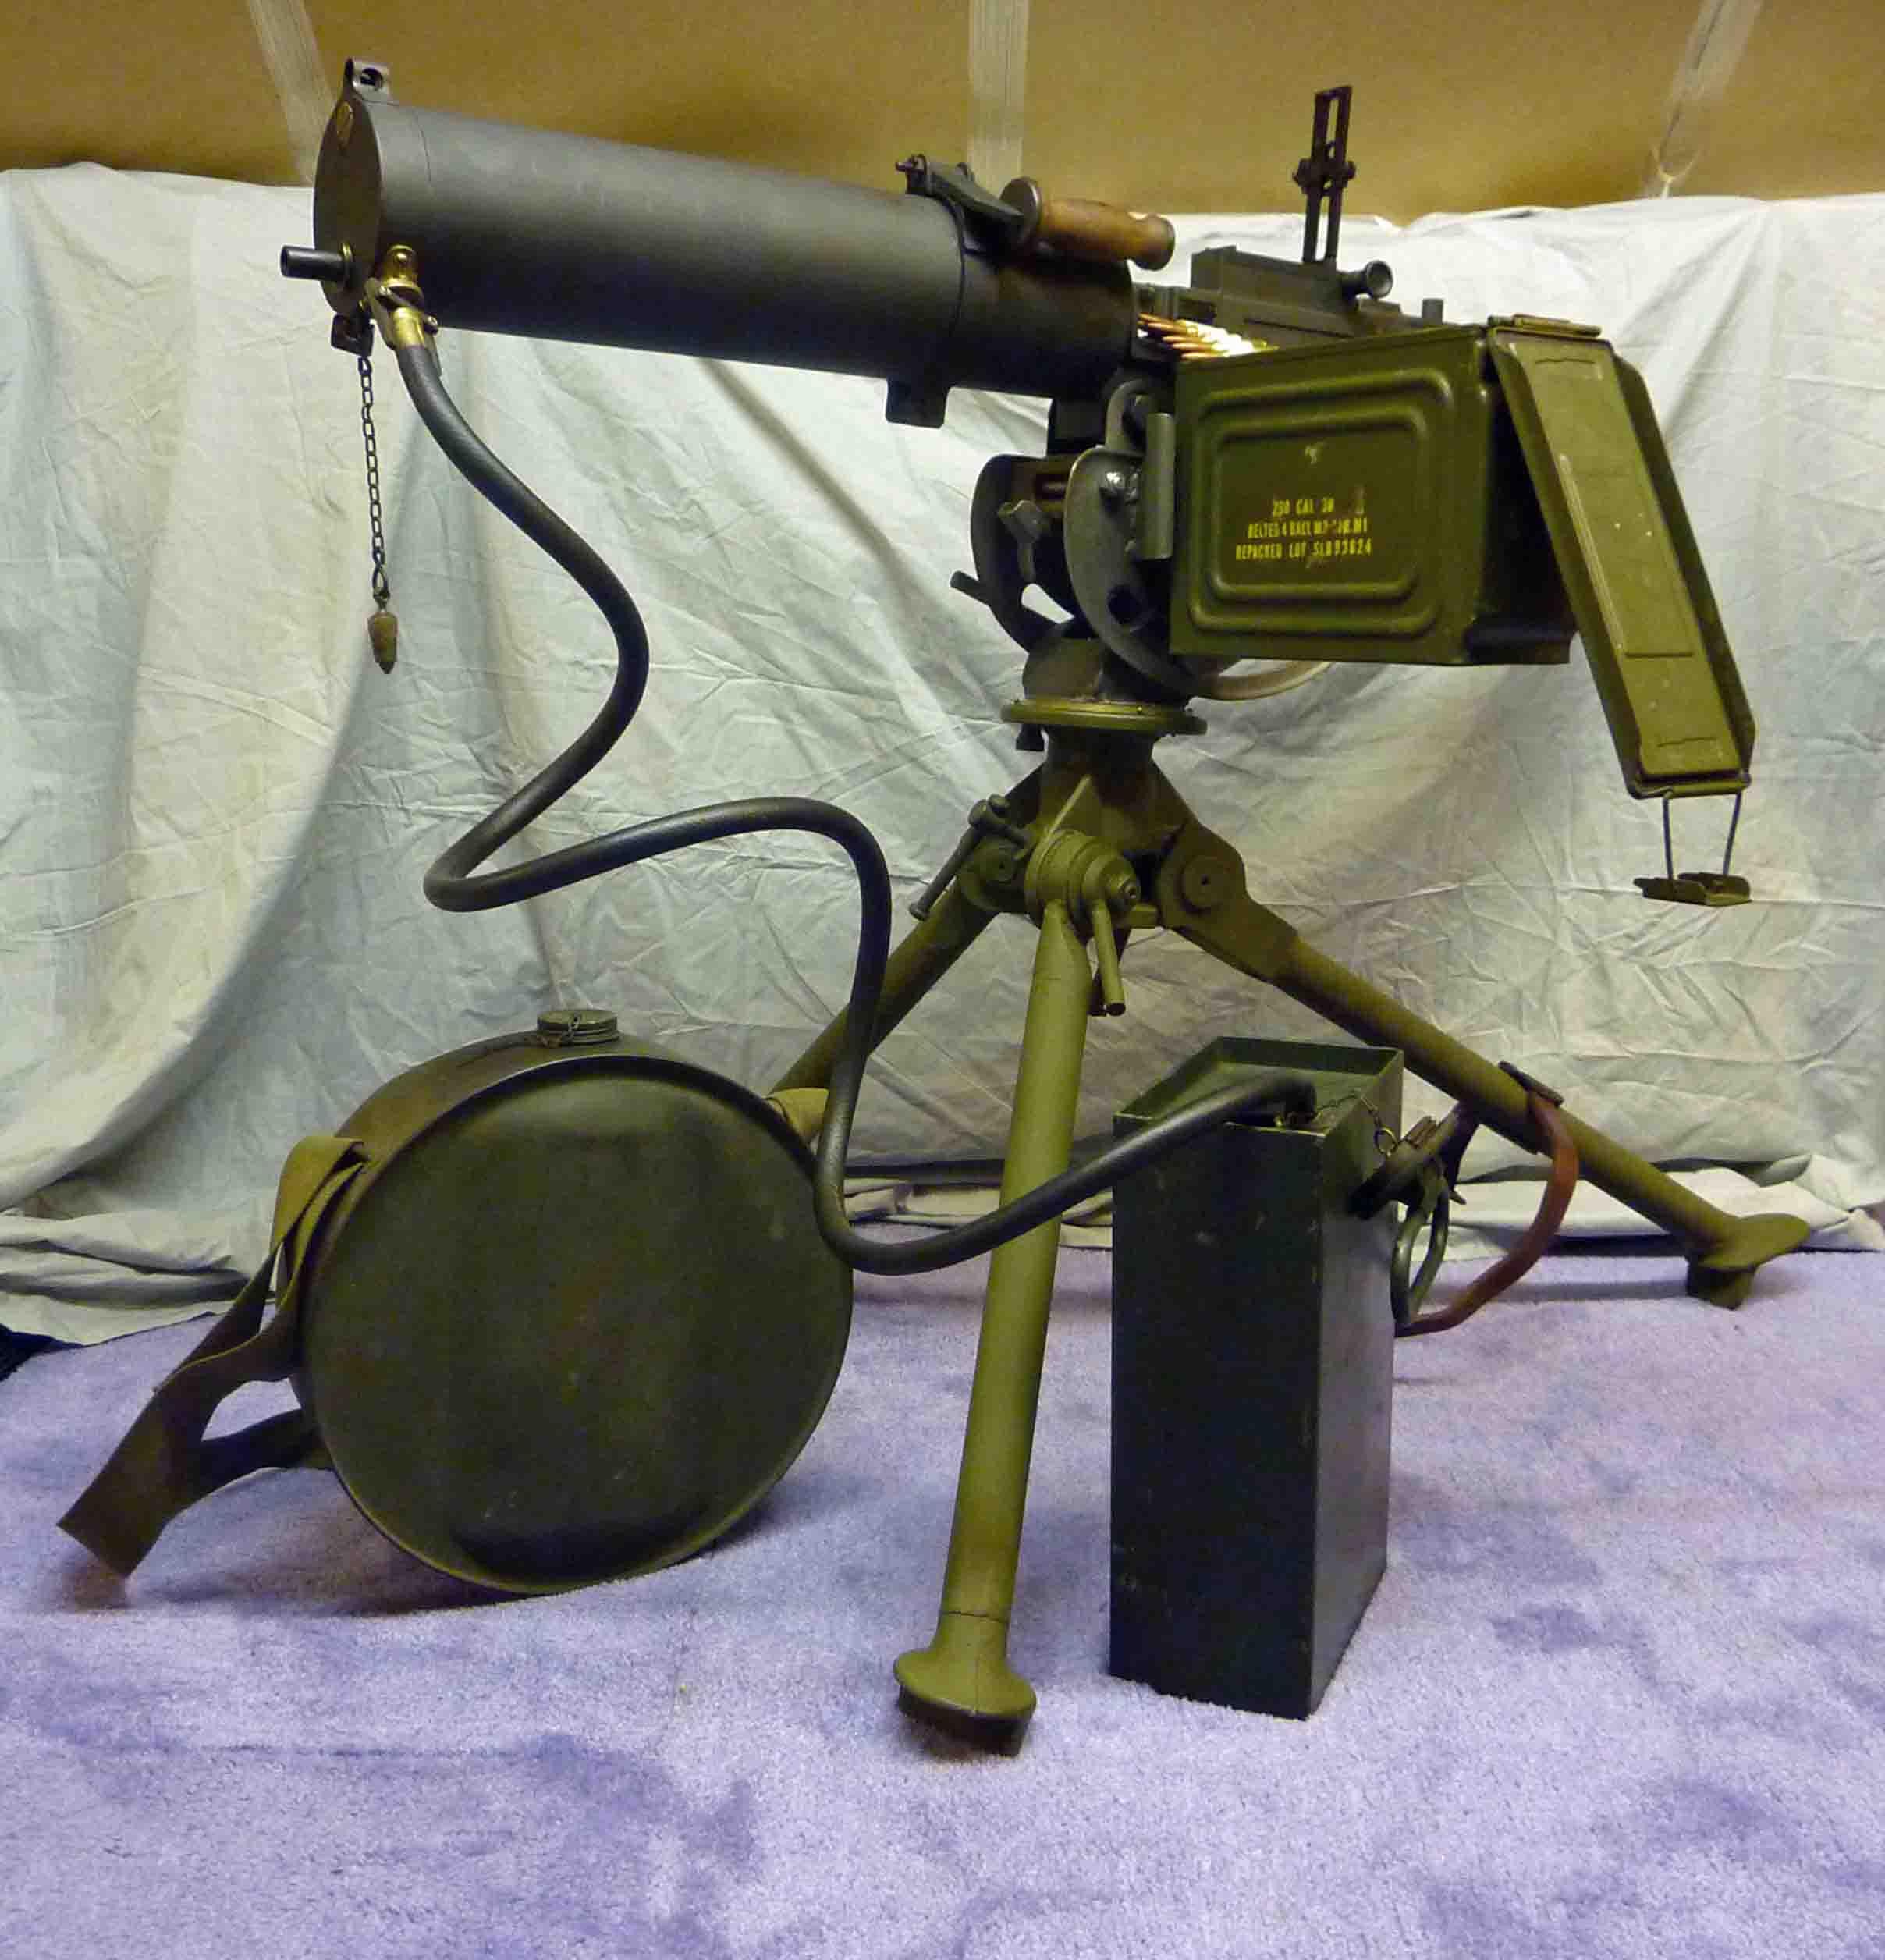 browning water cooled machine gun